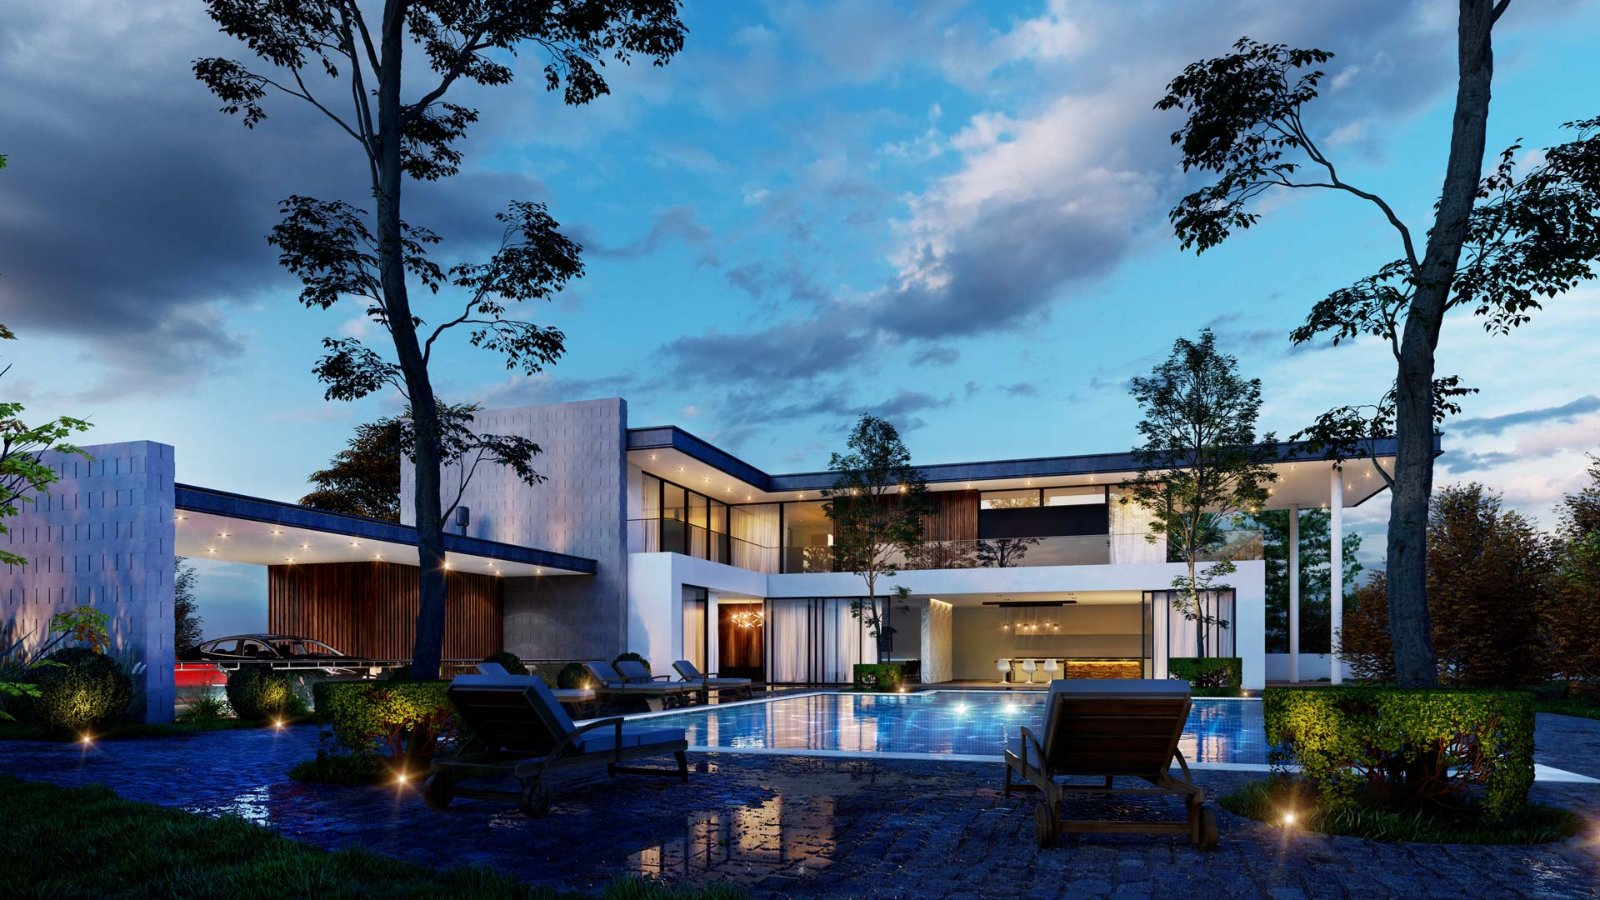 Villa-exterior-1920x1080_Lumion10_GuiFelix.jpg